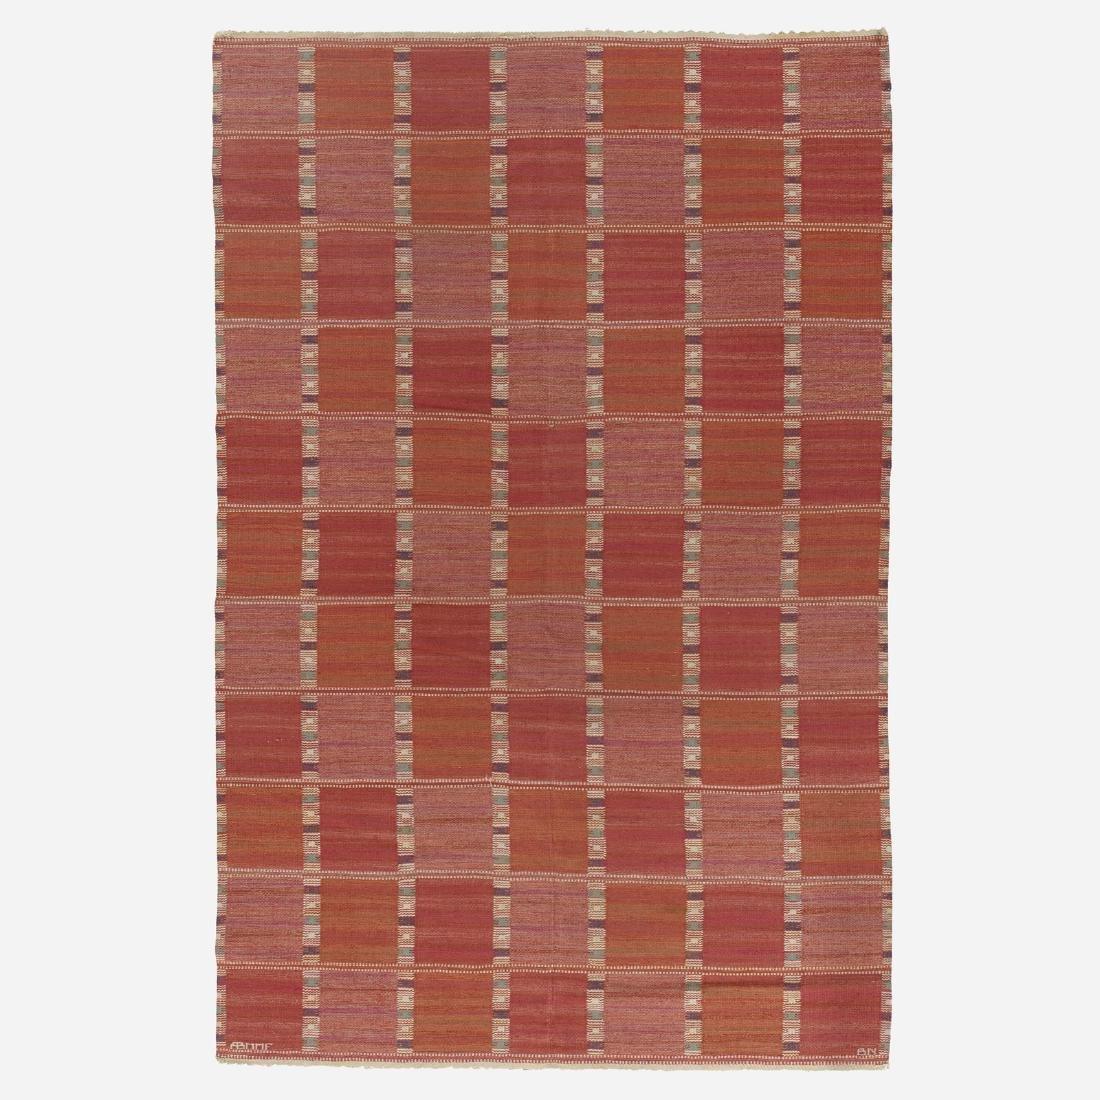 Barbro Nilsson, Falurutan flatweave carpet